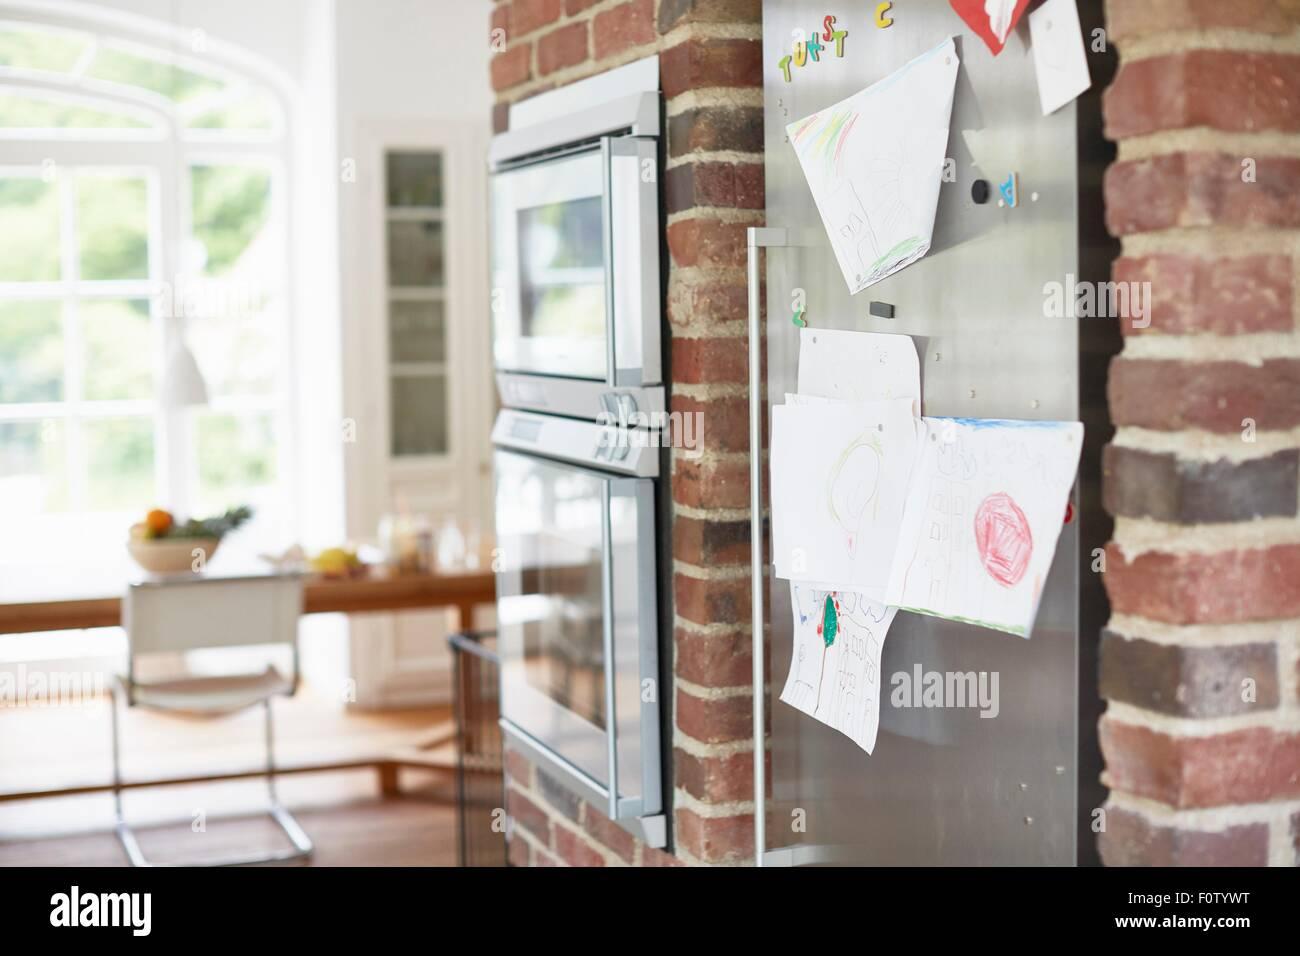 Kinderzeichnungen, die Kühlschranktür aufgeklebt Stockbild